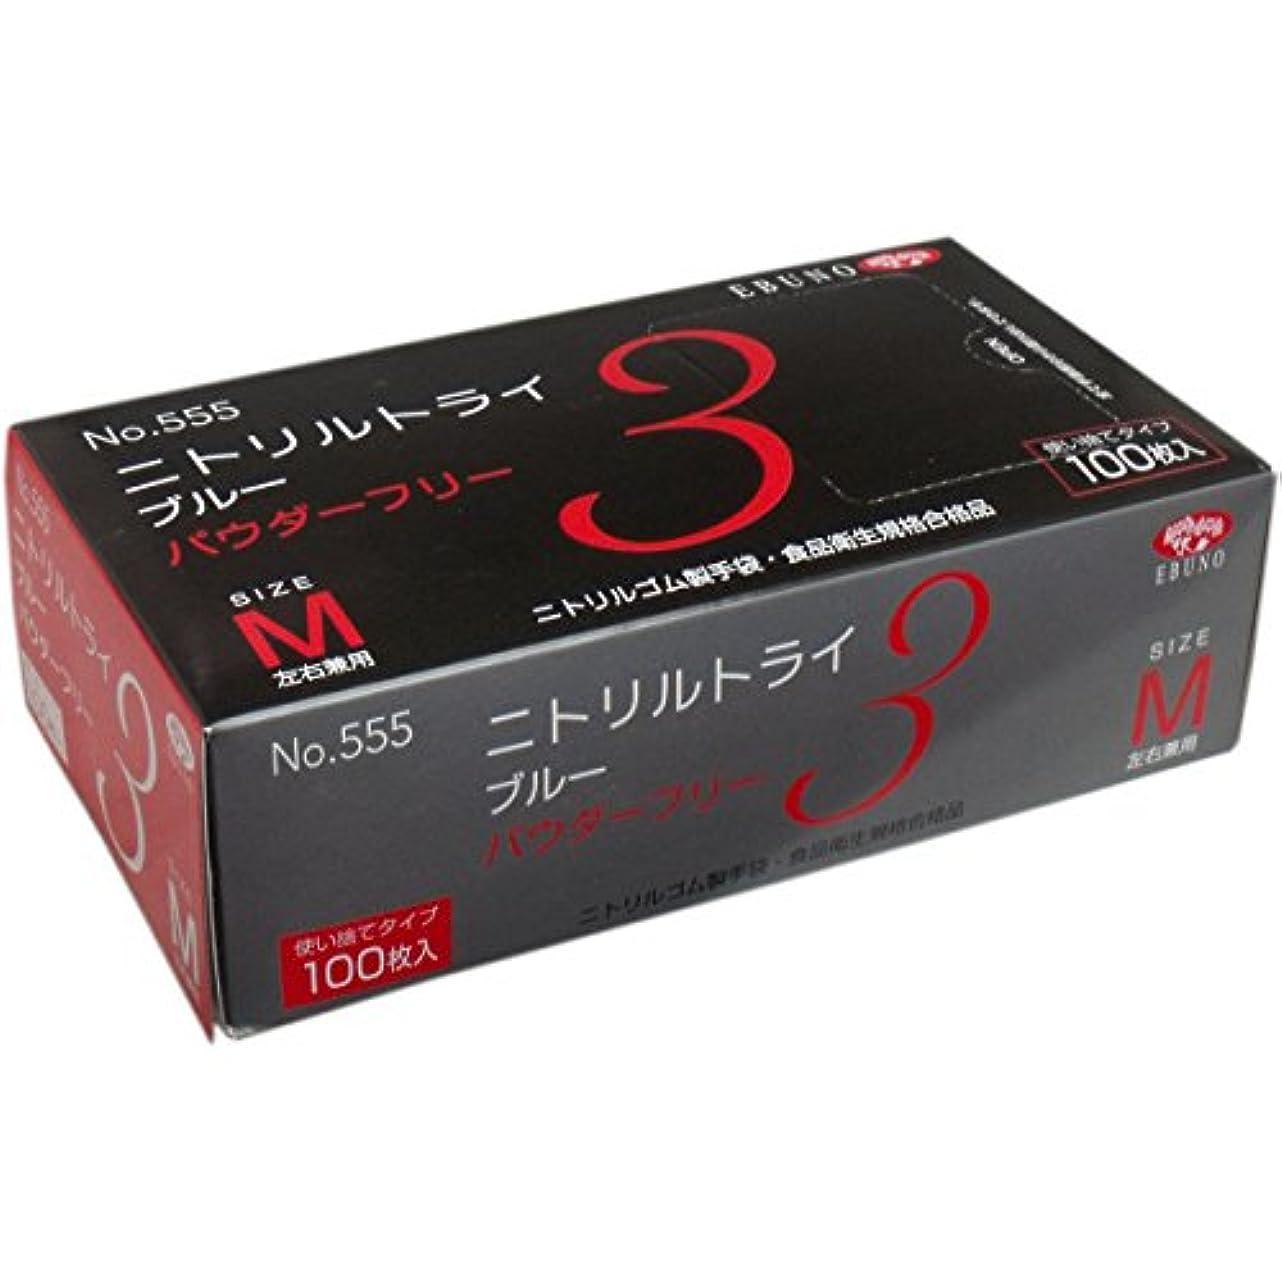 枯渇する魂新鮮なニトリルトライ3 手袋 ブルー パウダーフリー Mサイズ 100枚入×2個セット